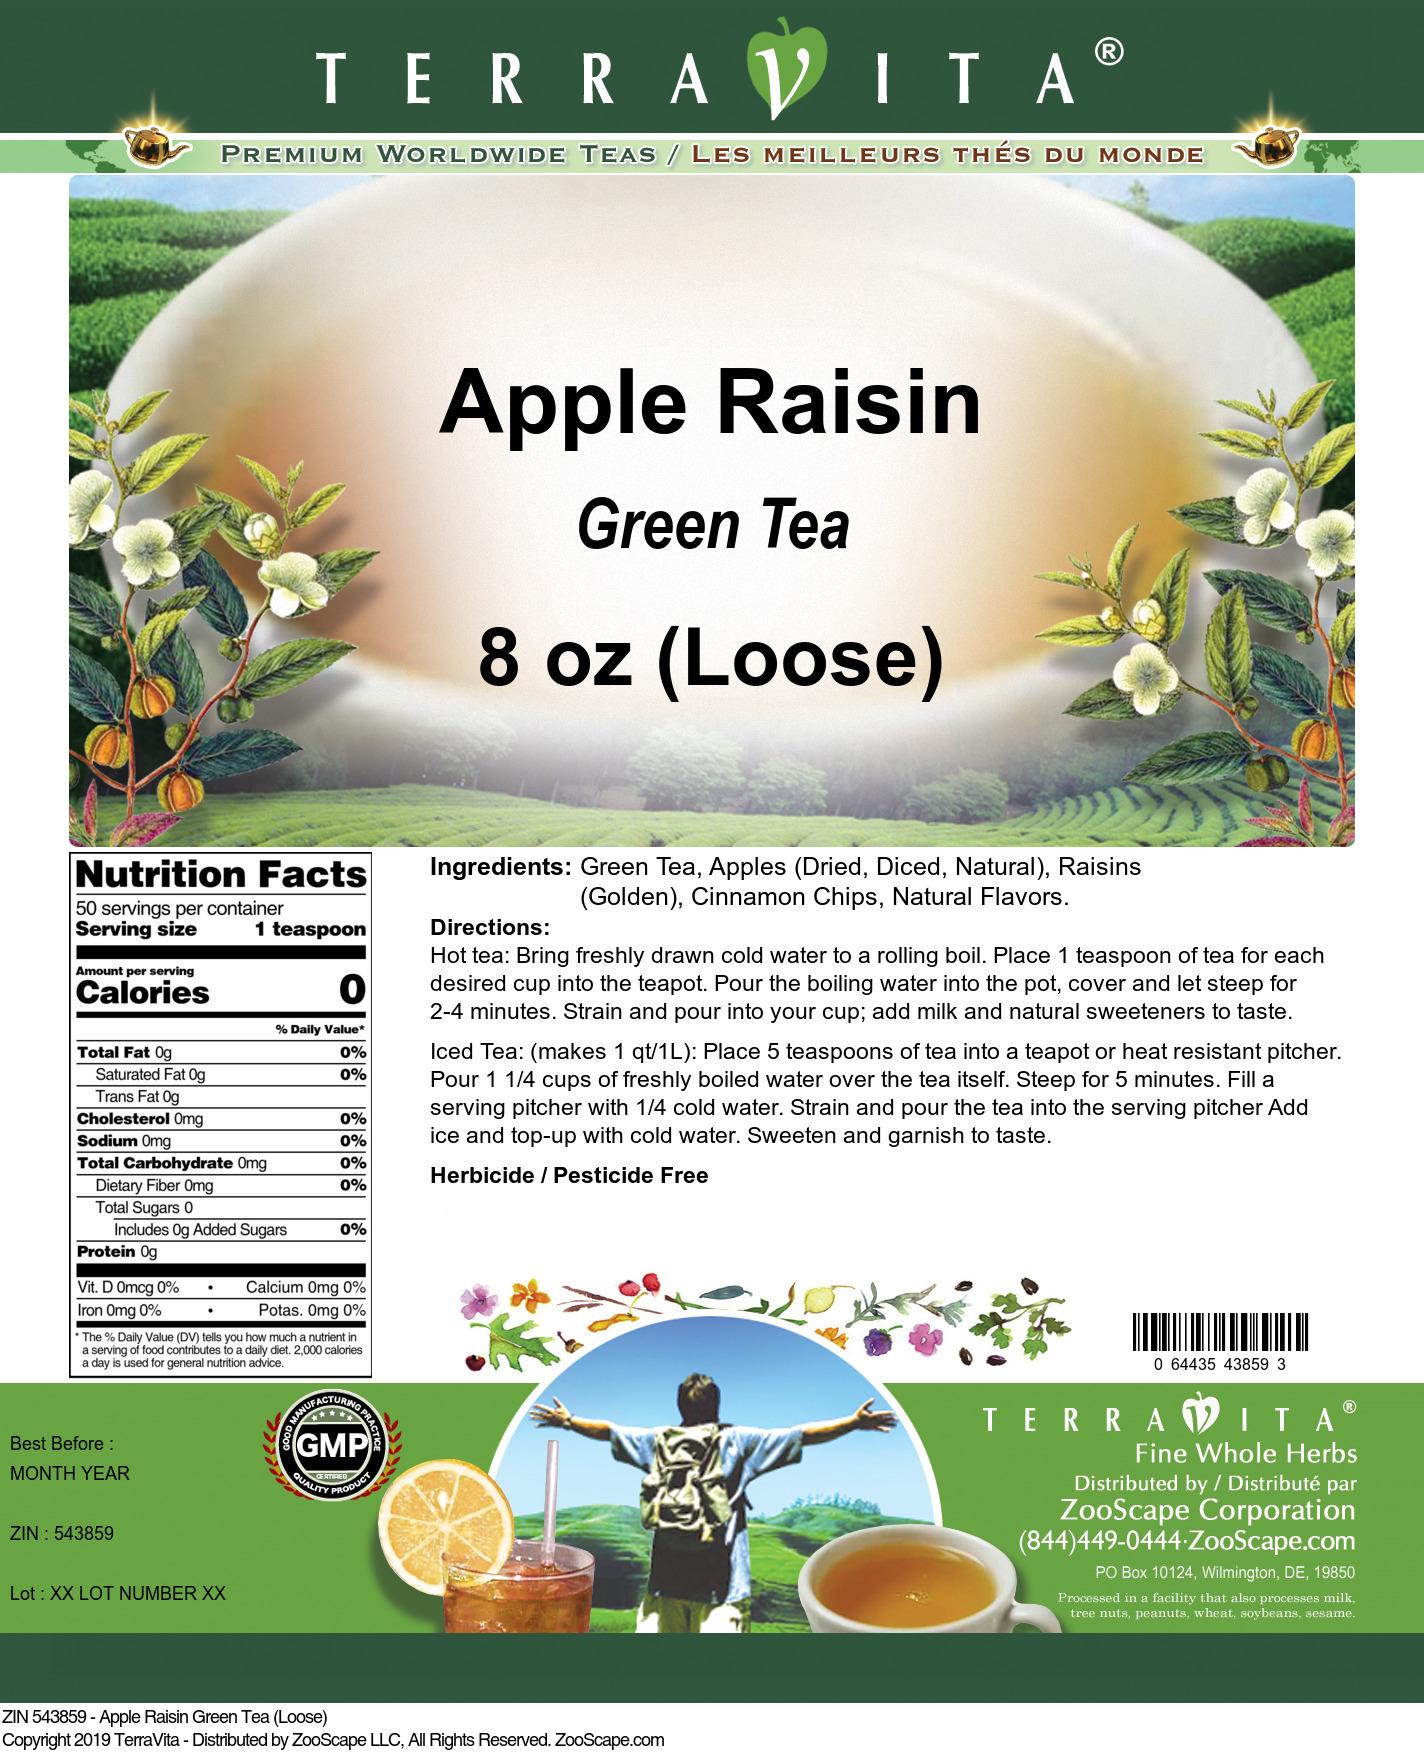 Apple Raisin Green Tea